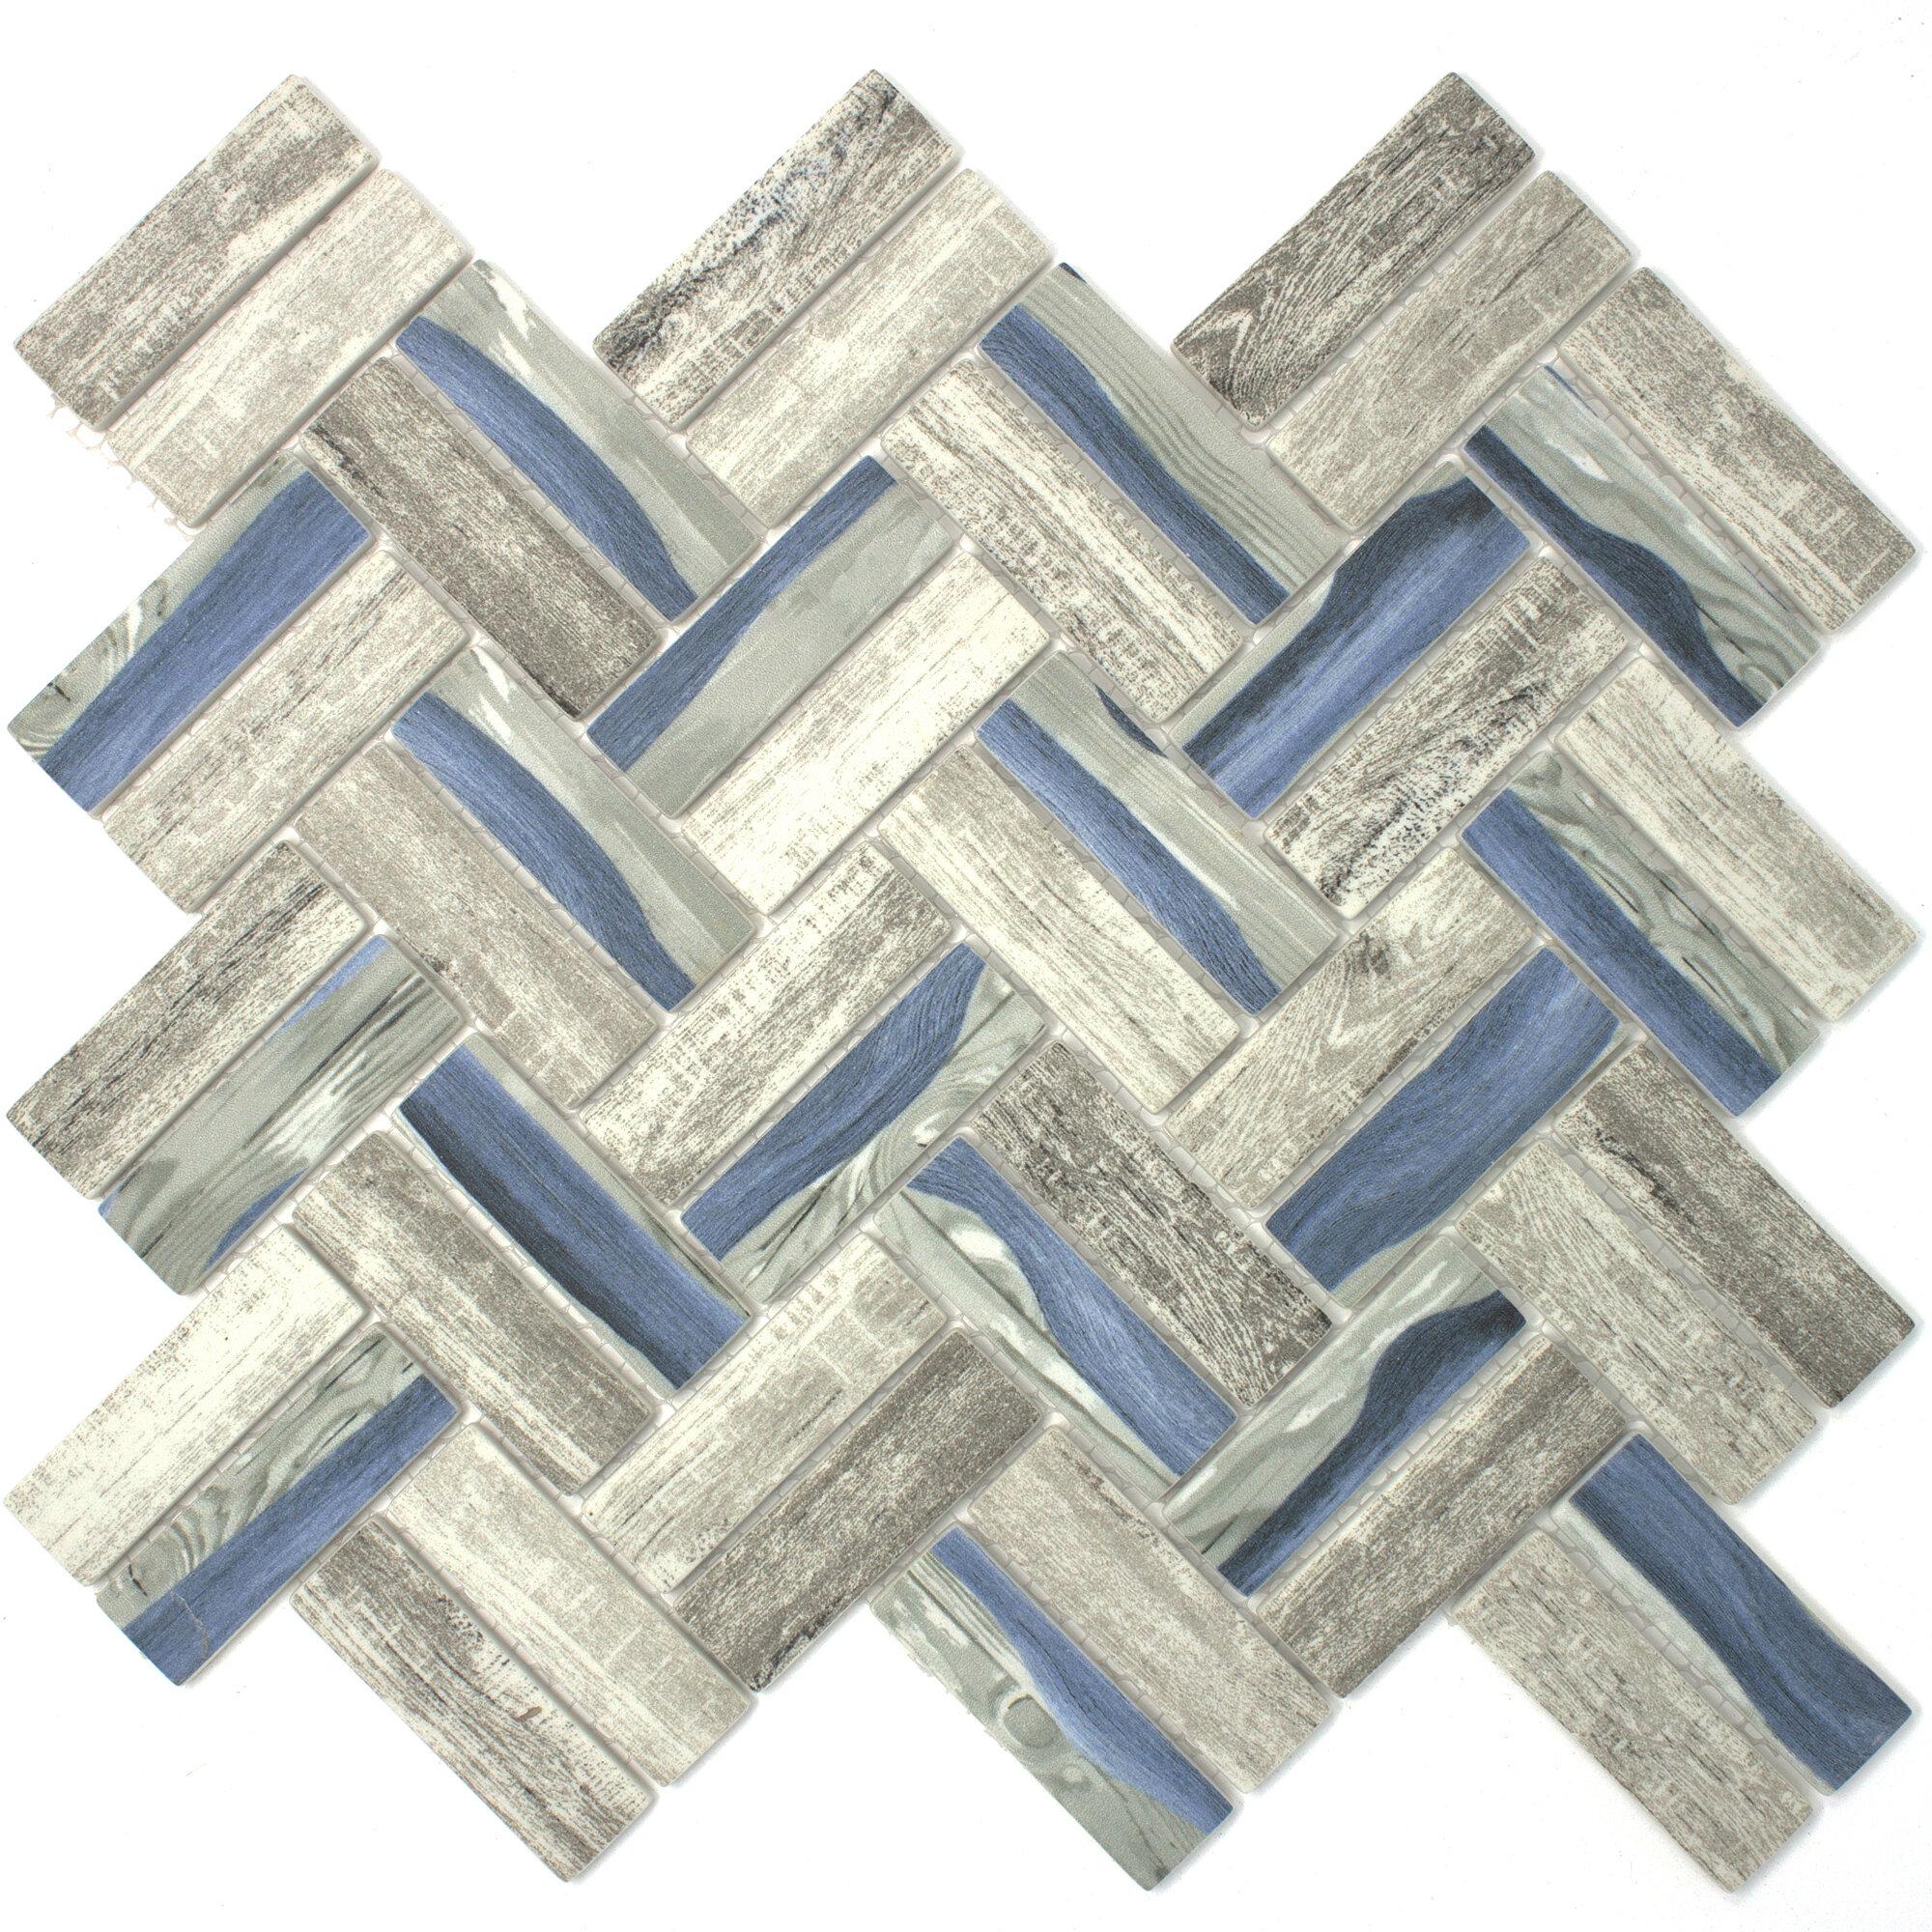 """Multile Recycle Herringbone Wooden Look 1"""" x 3"""" Glass Mosaic Tile in"""